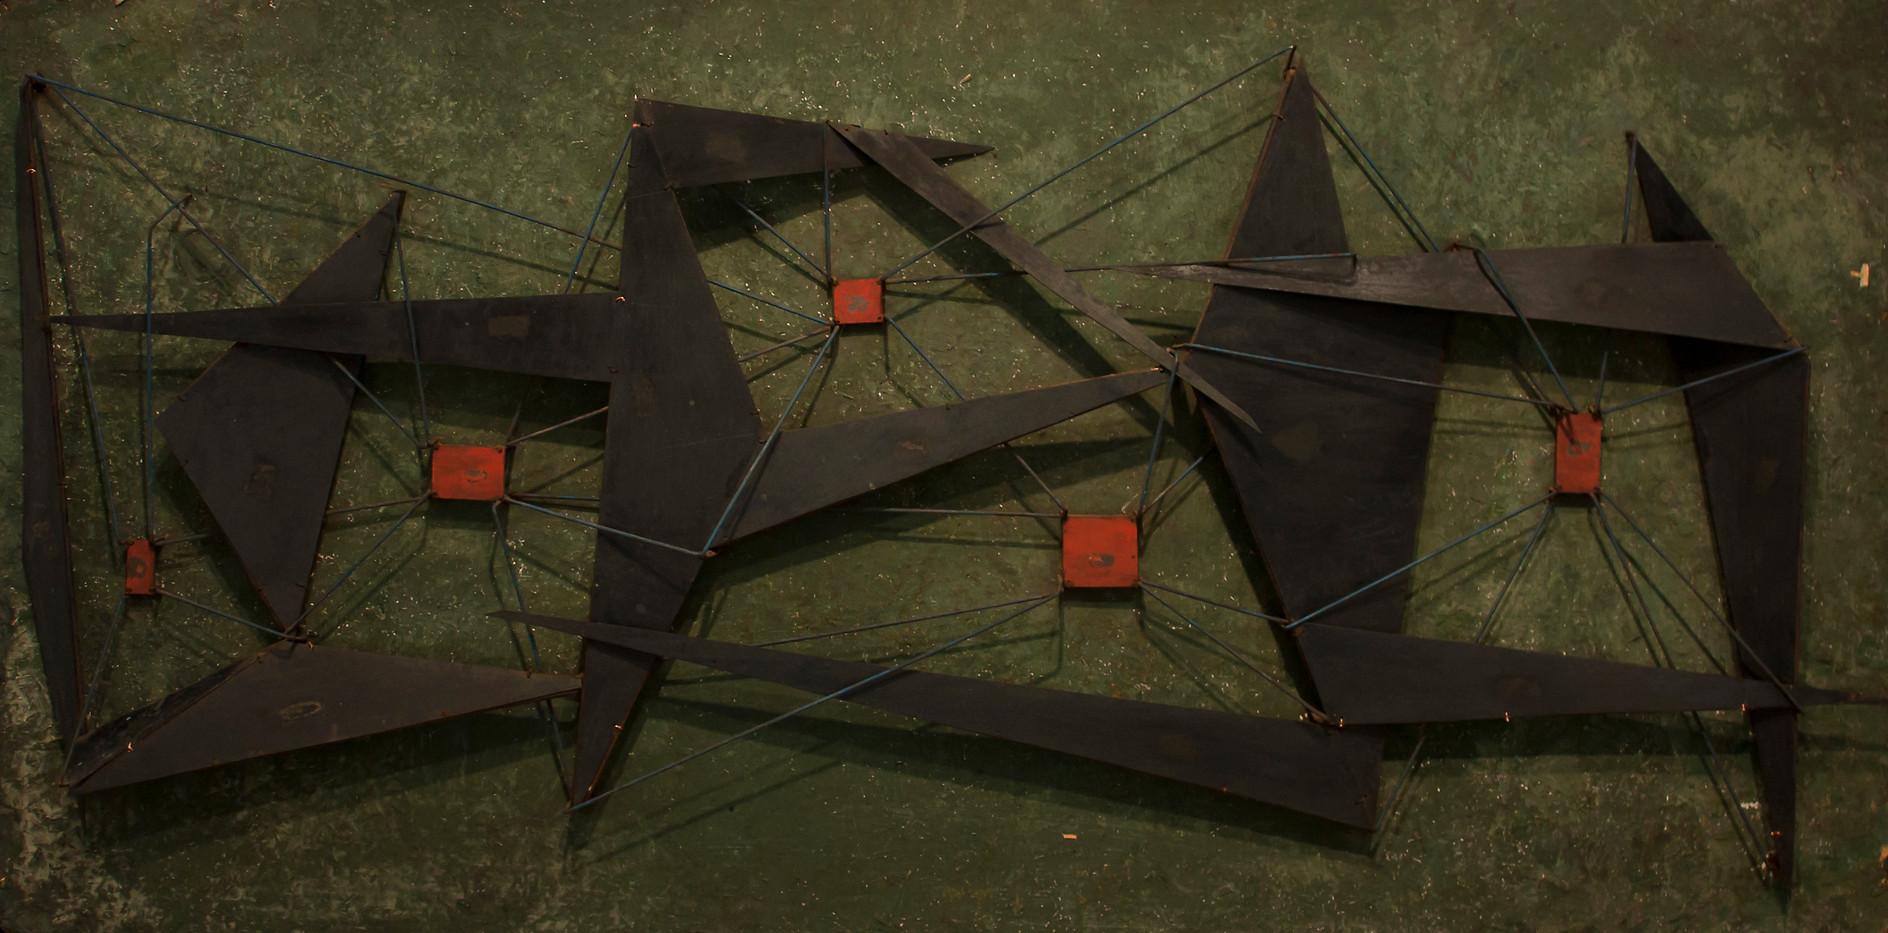 Edoardo Villa | Untitled | n.d. | Steel on Board | 46.5 x 92 cm